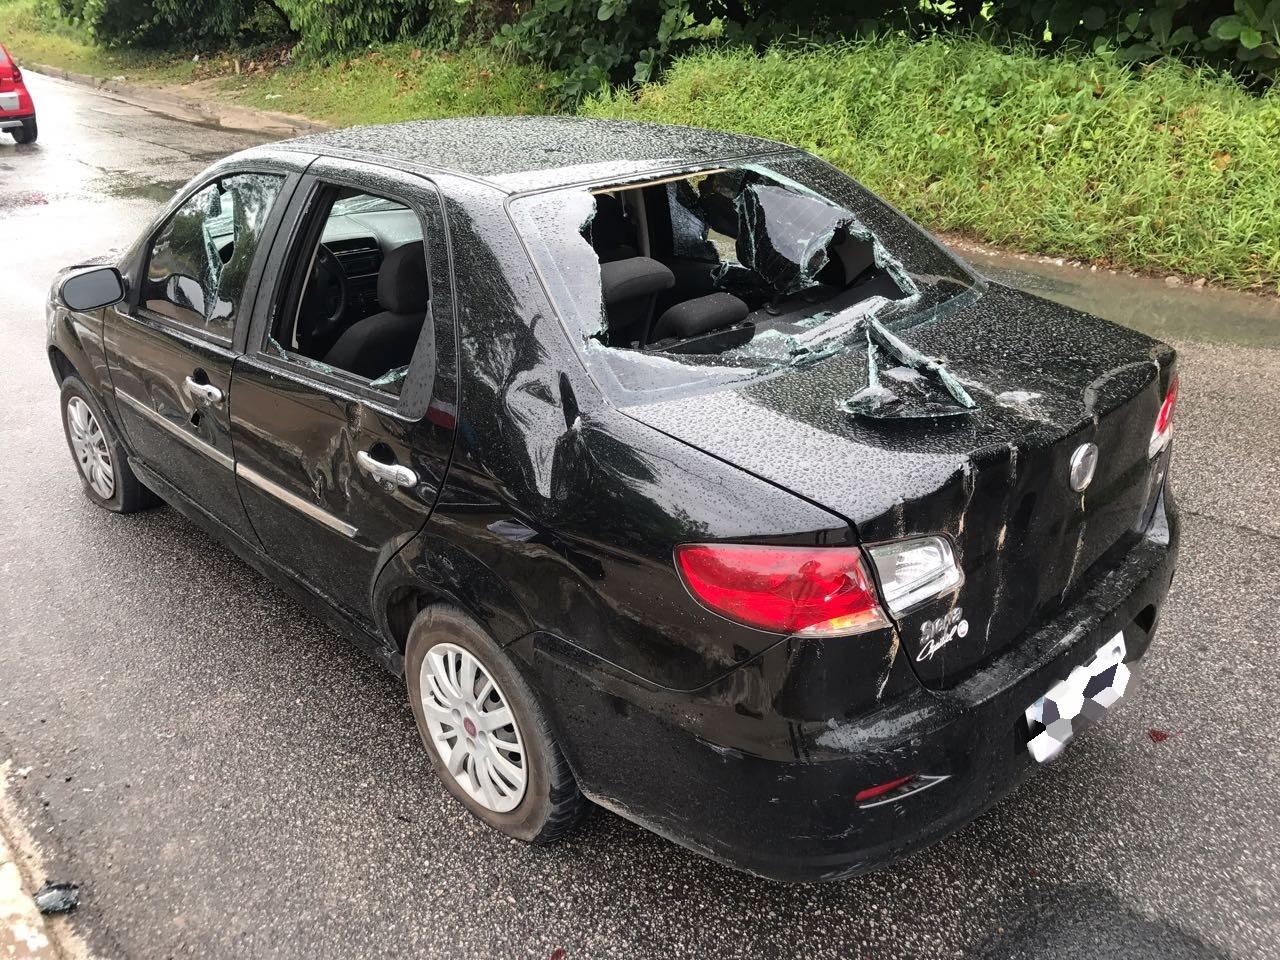 Motoqueiro se envolve em acidente e com raiva pega picareta e destrói carro em João Pessoa